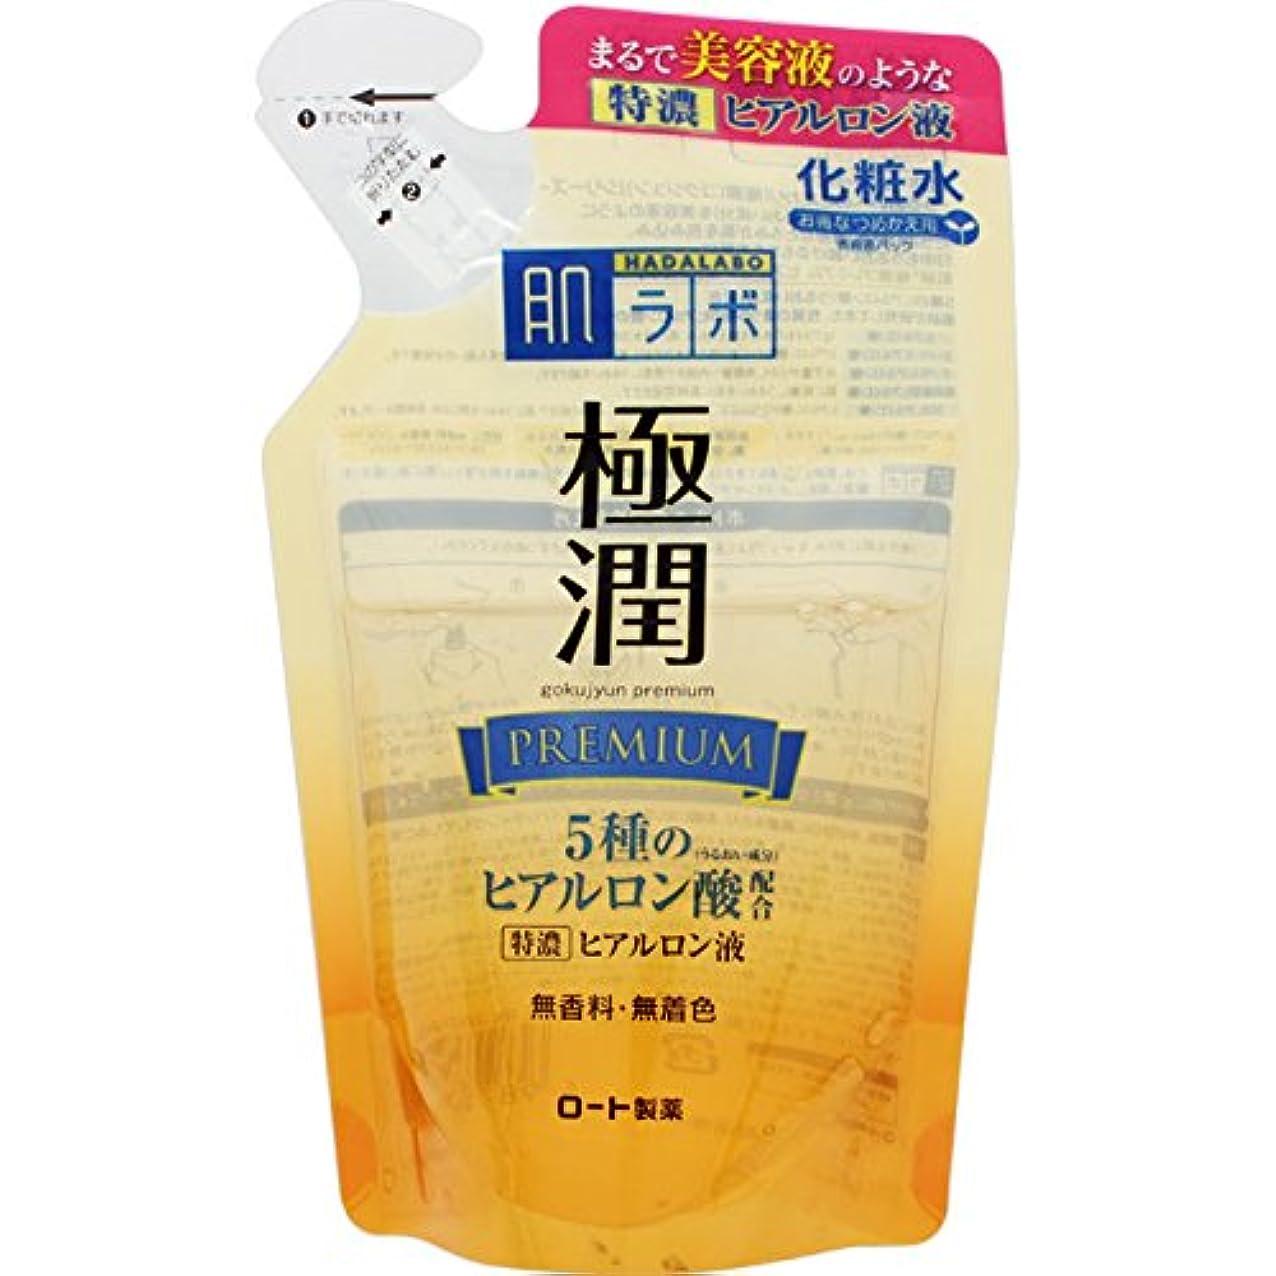 取り壊すどこにも間違いなく肌ラボ 極潤プレミアム 特濃ヒアルロン液 ヒアルロン酸5種類×サクラン配合 詰替用 170mL